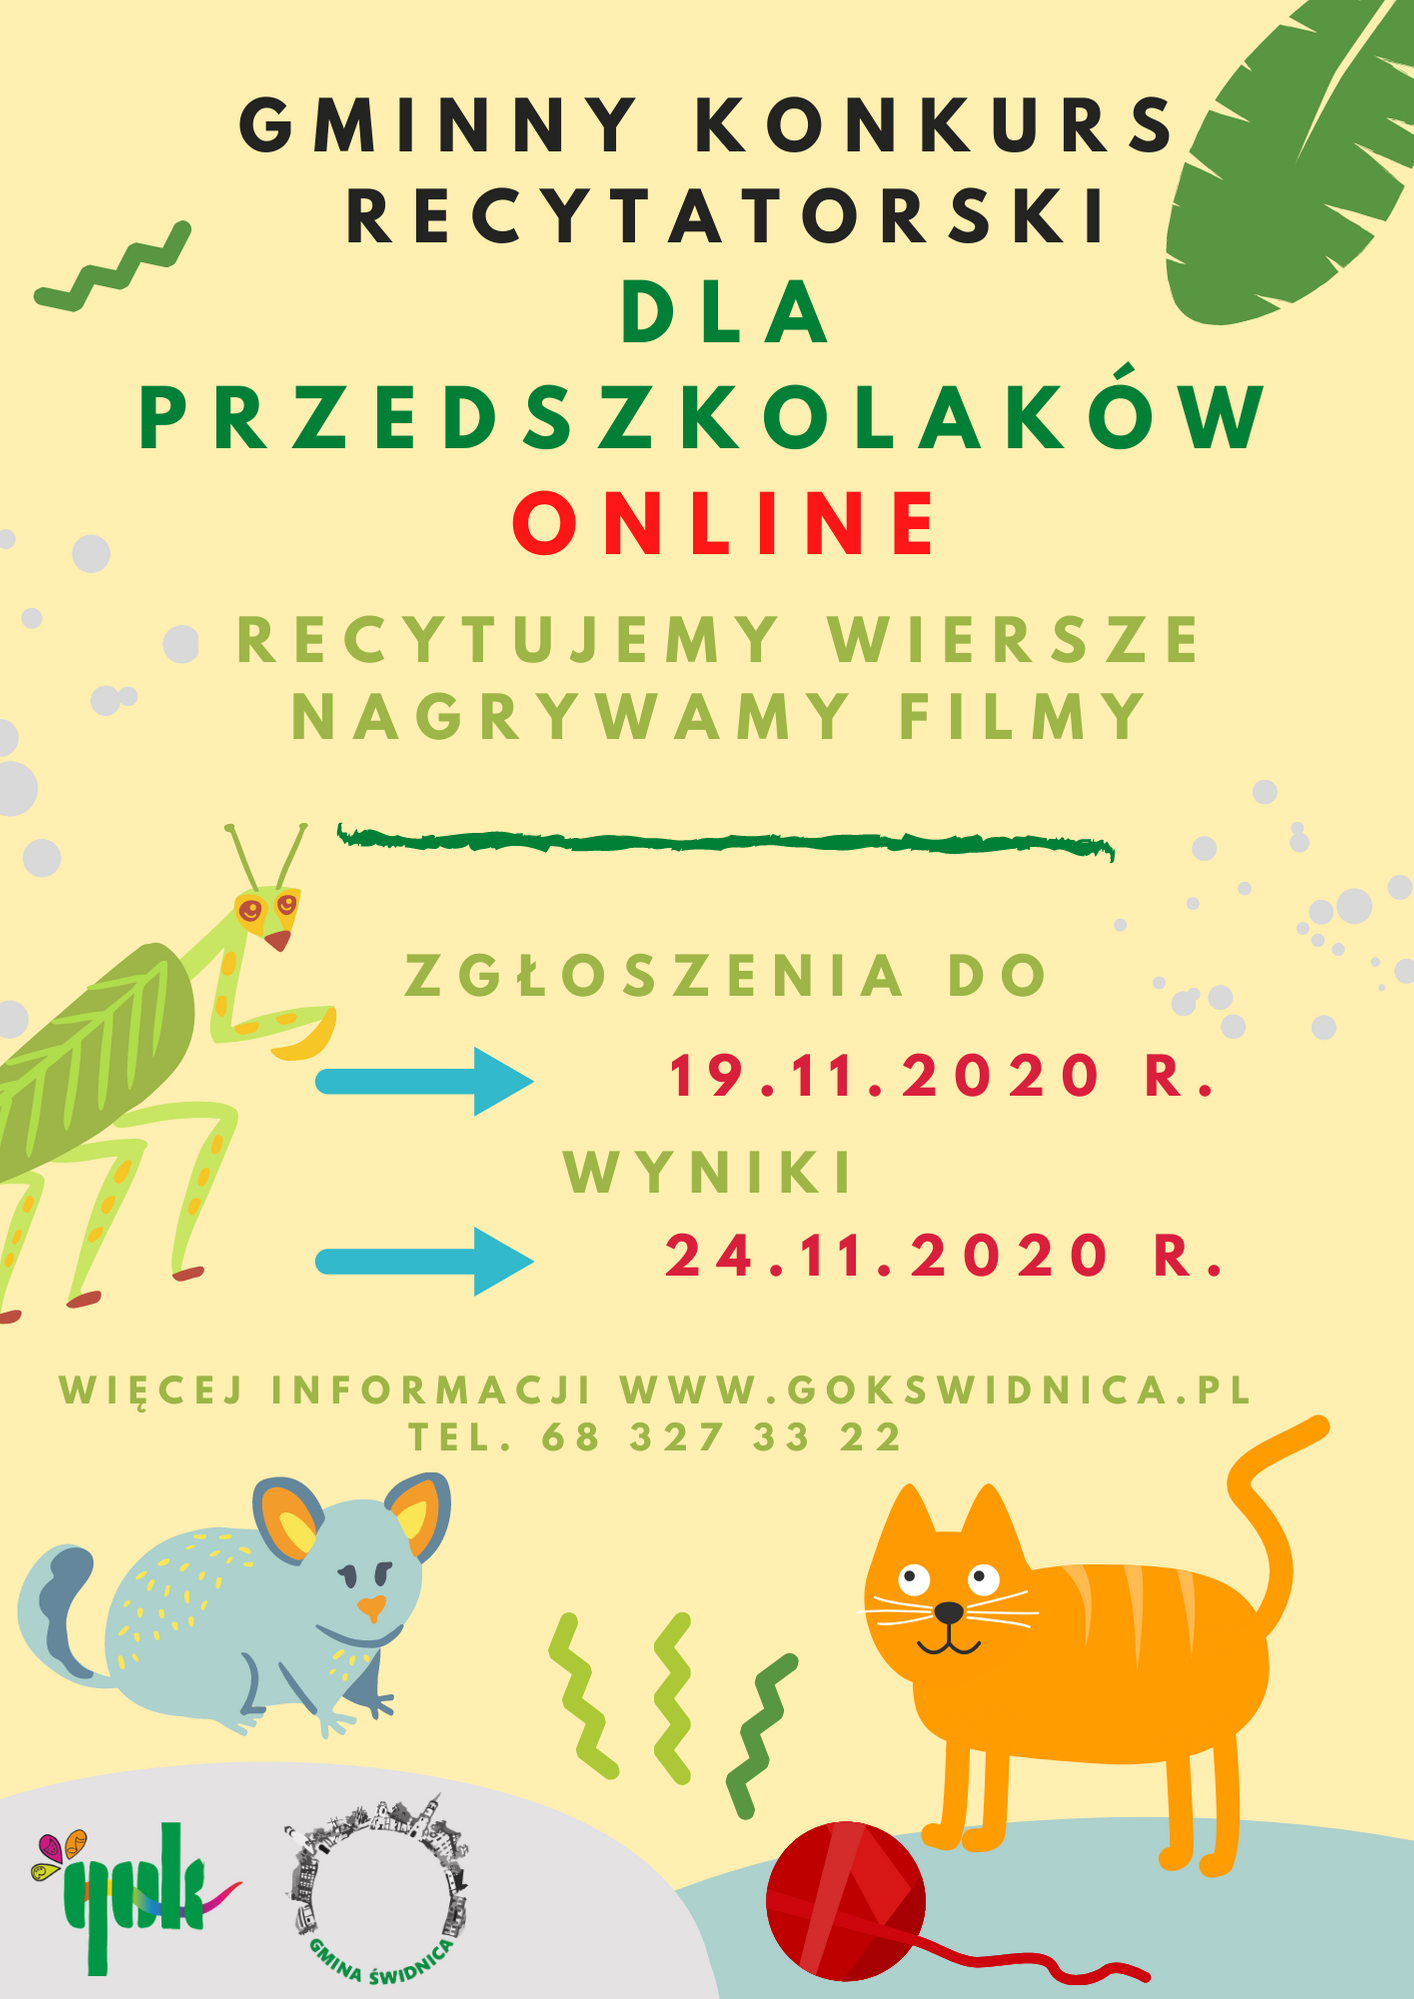 Gminny konkurs recytatorski dla przedszkolaków online. Recytujemy wiersze nagrywamy filmy. Zgłoszenia do 19 listopada 2020 roku, wyniki 24 listopada 2020 roku.